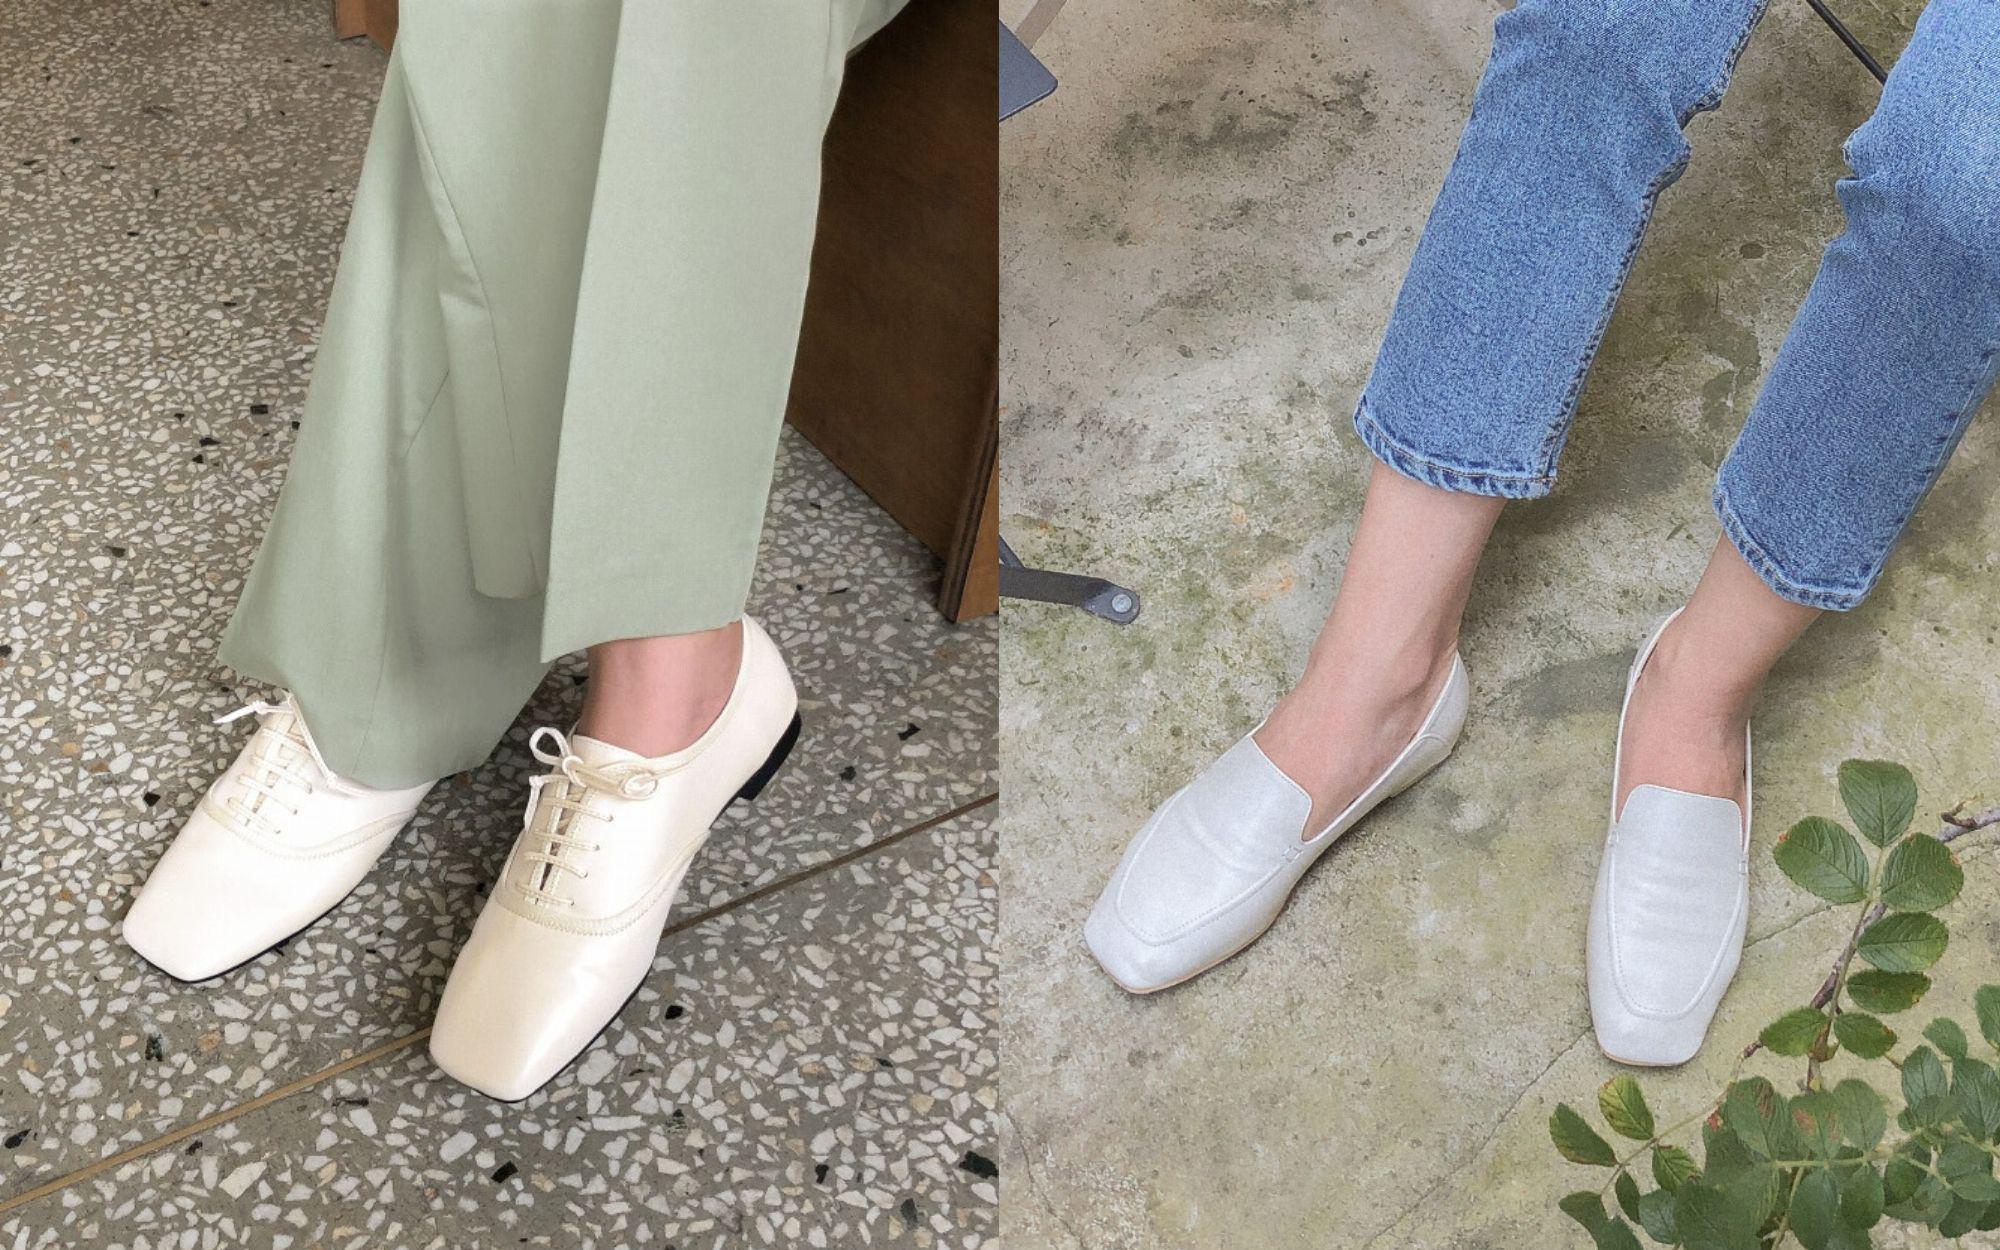 Tạm quên giày nâu đen đi, muôn kiểu giày trắng mới thực sự